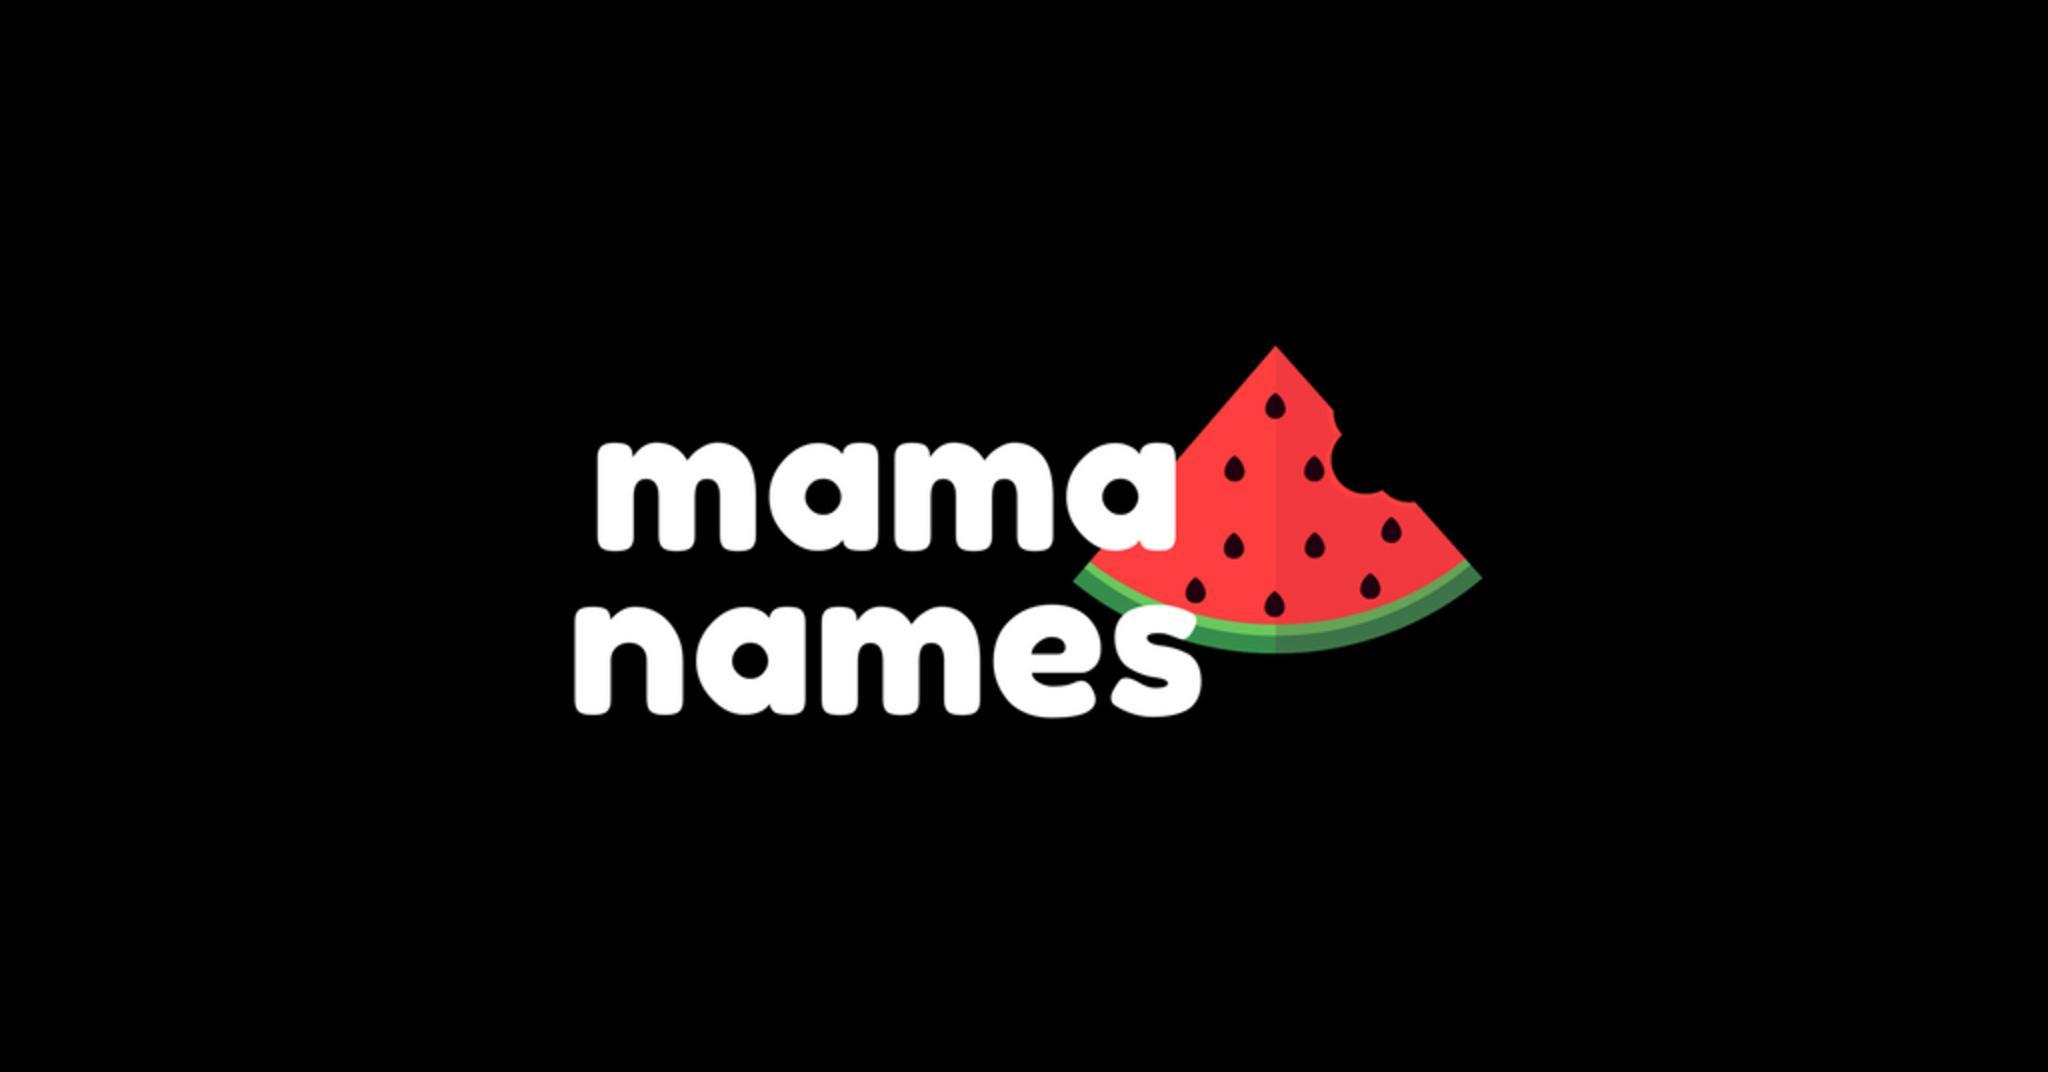 Mamanames